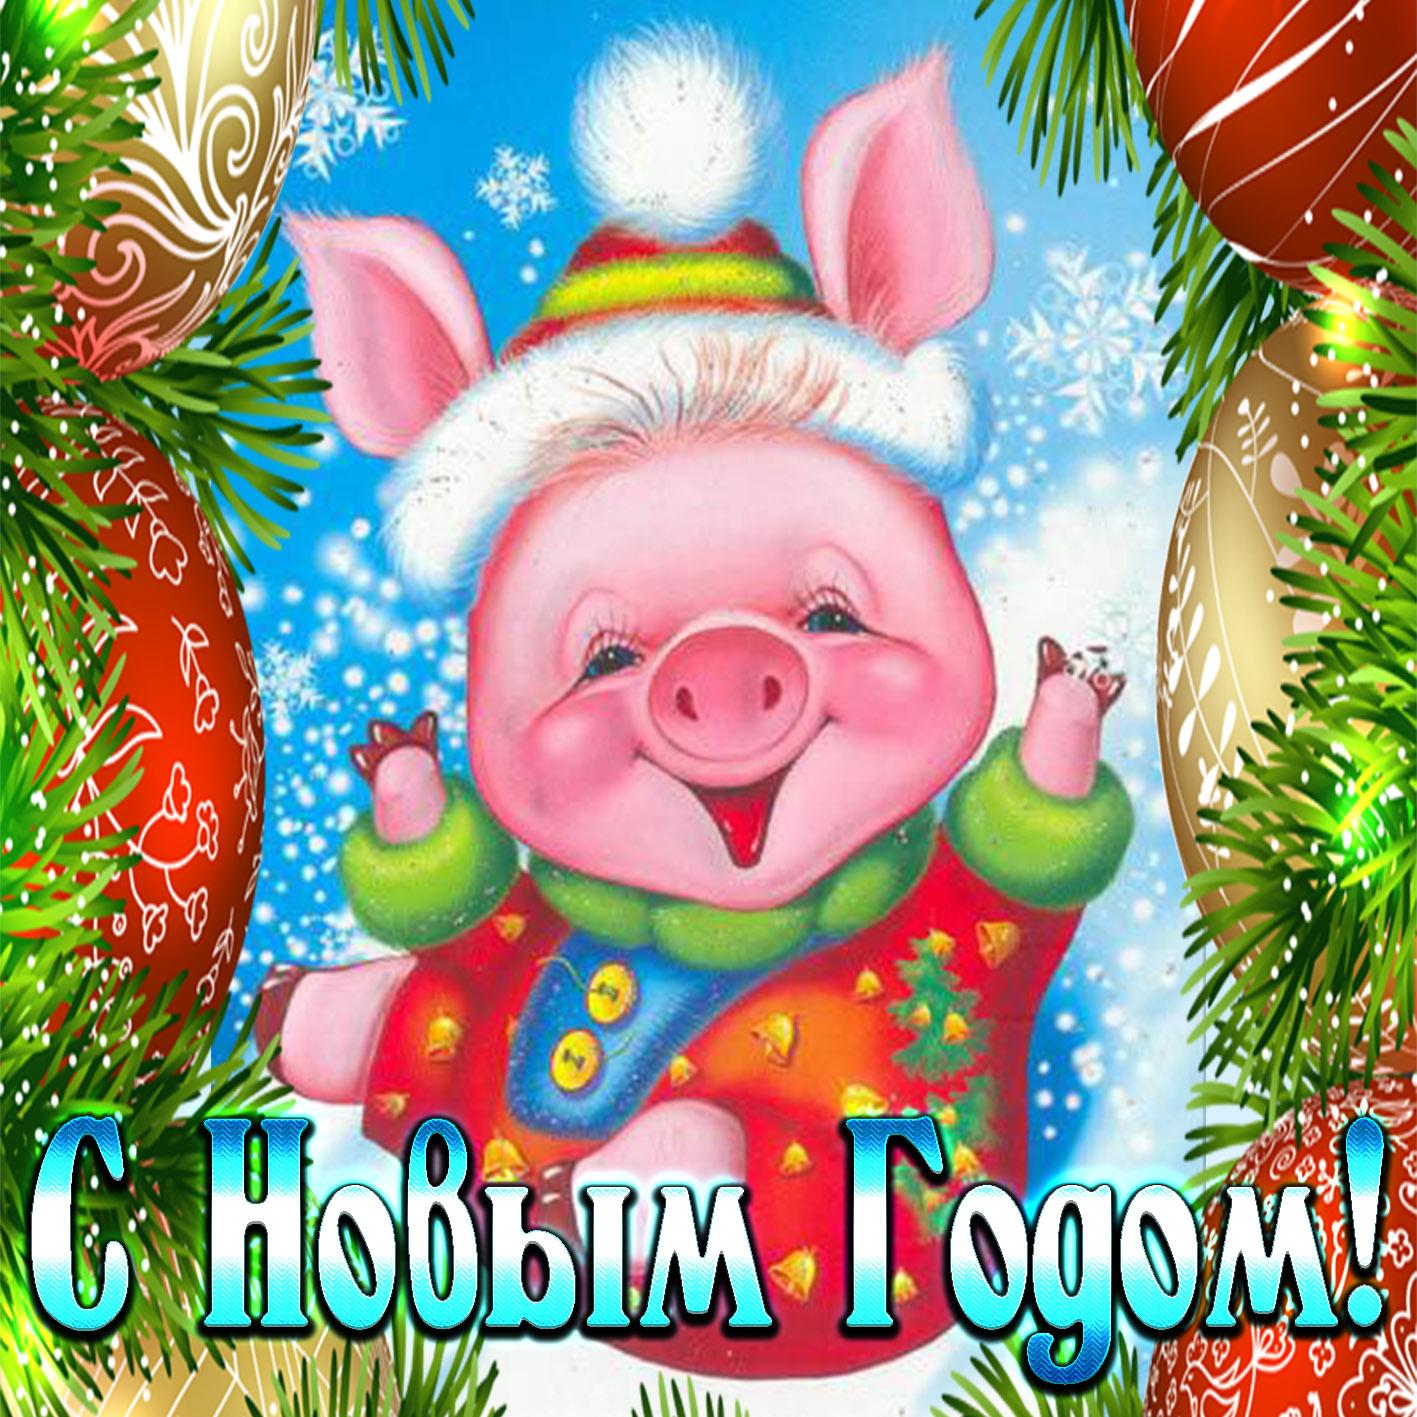 Открытка с Новым годом - радостный поросёнок среди ёлочных игрушек